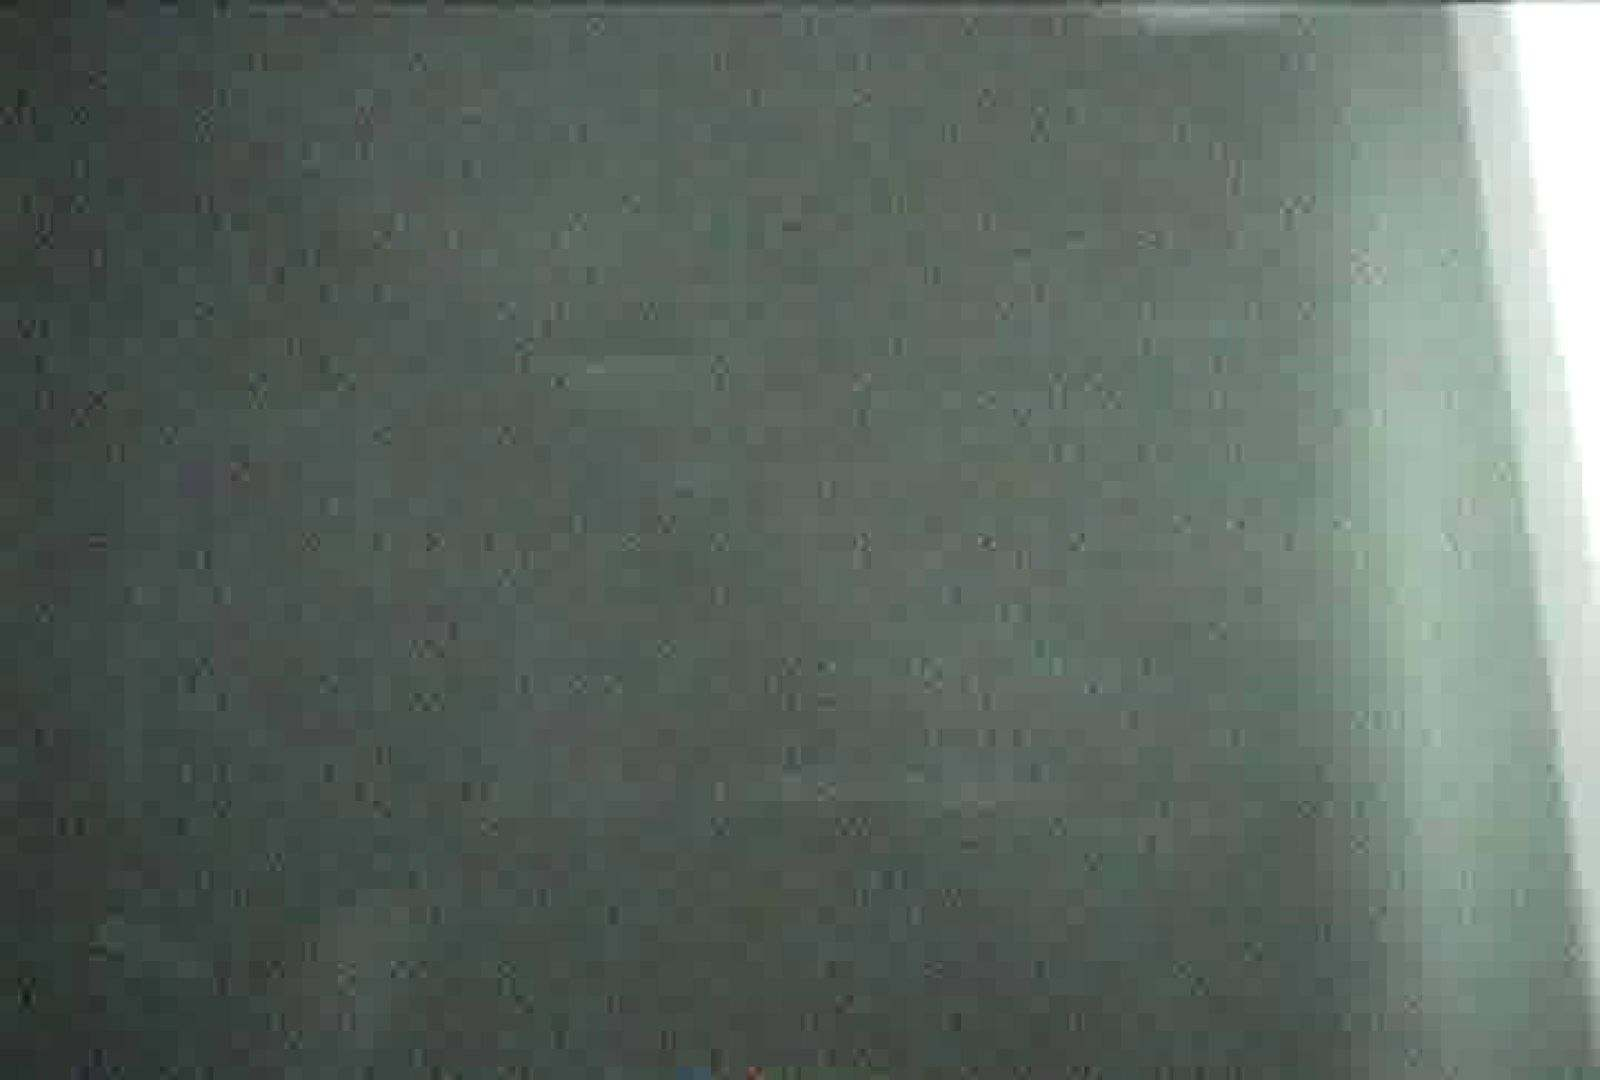 充血監督の深夜の運動会Vol.97 カップル ワレメ動画紹介 86画像 47